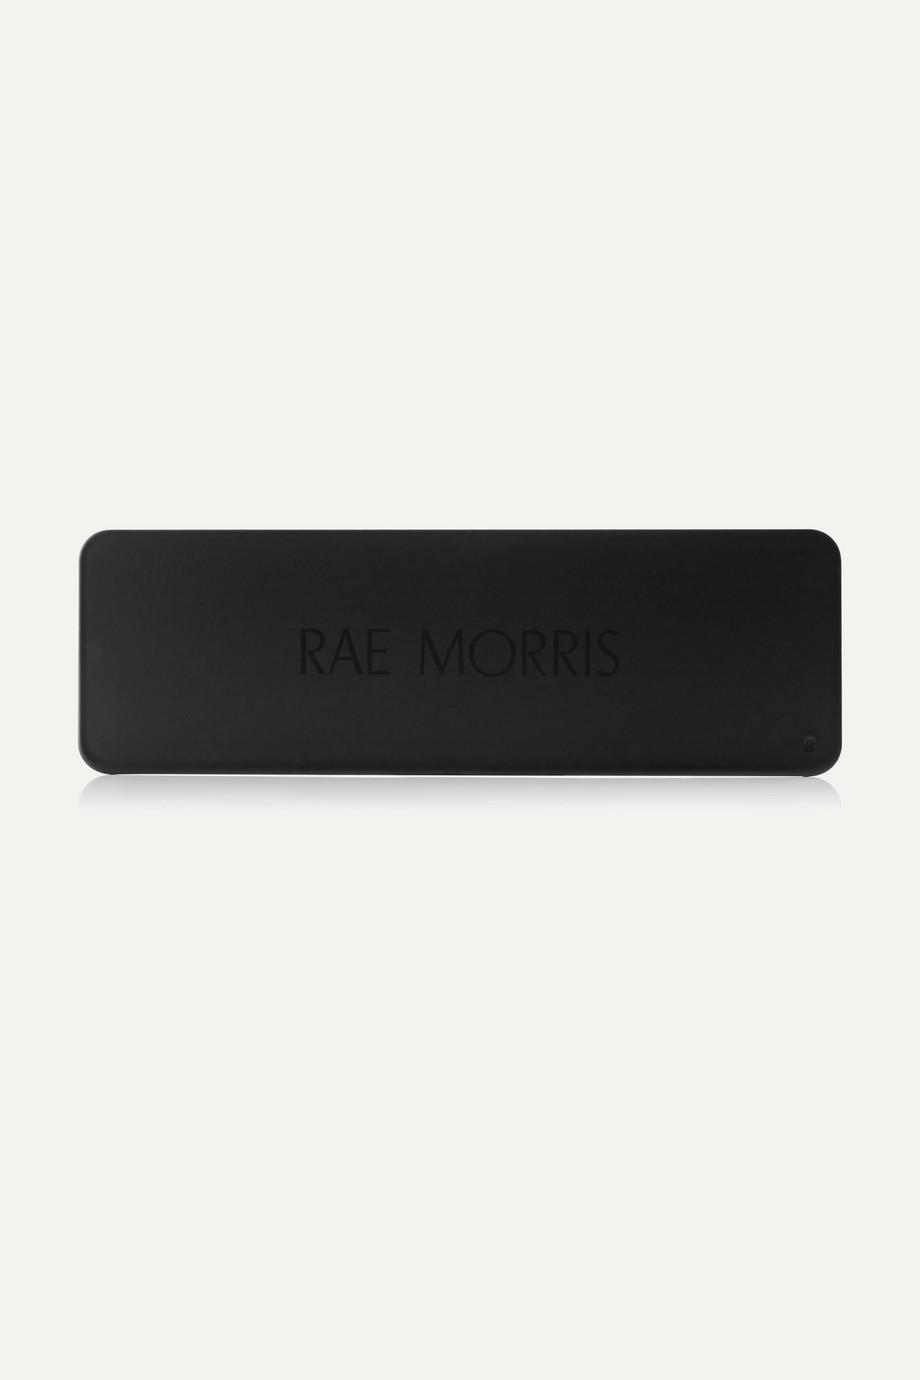 Rae Morris The Rae Plate